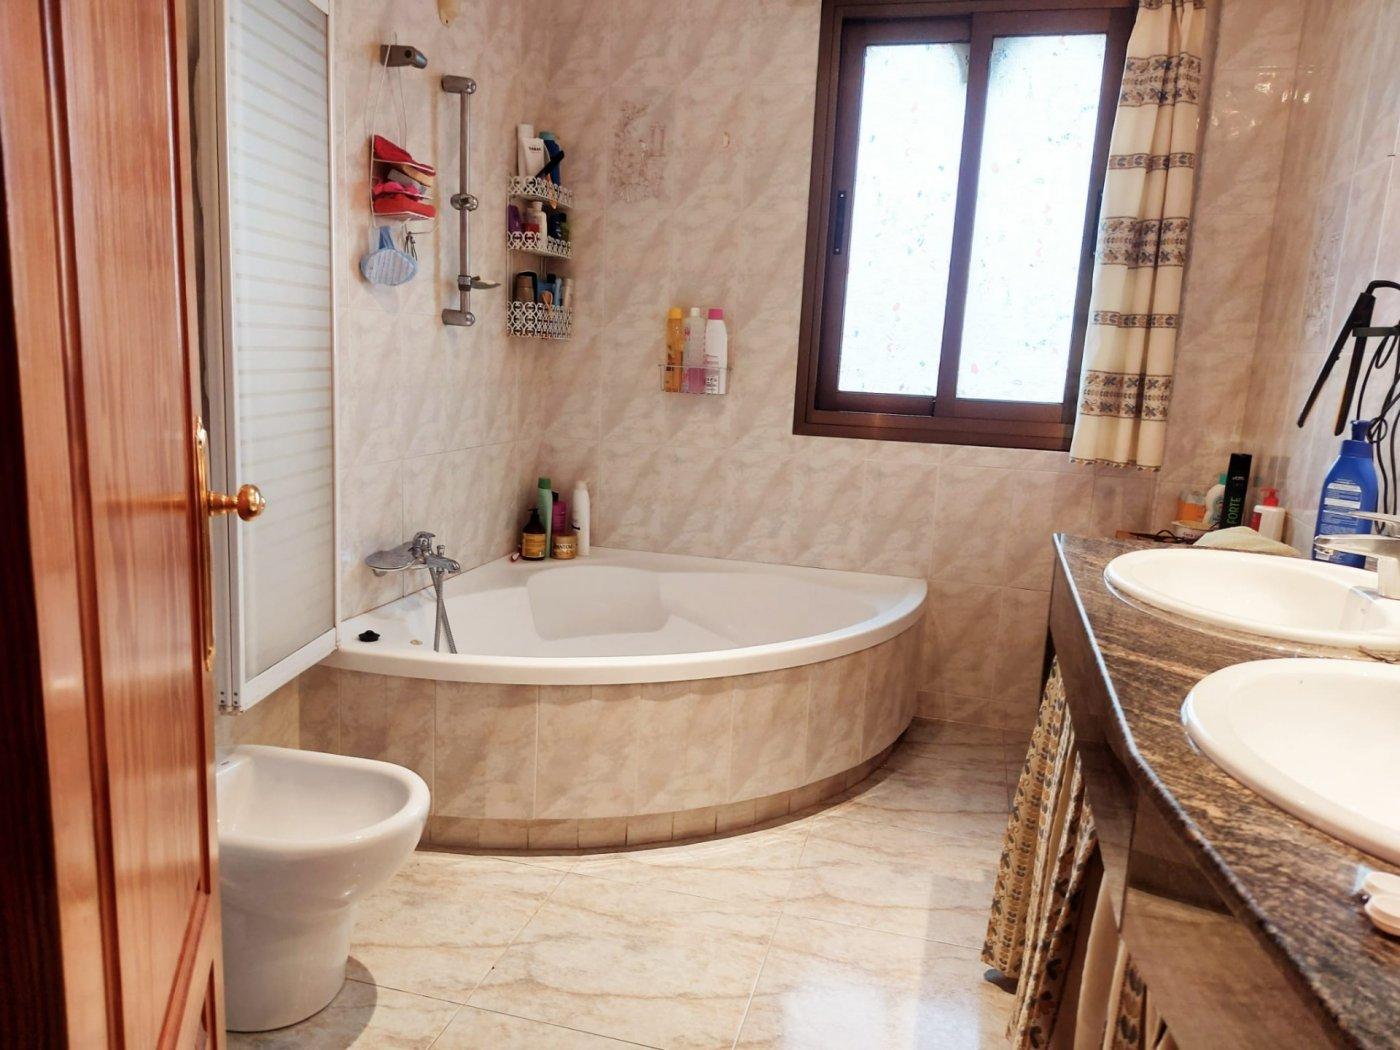 En venta espectacular casa o chalet en can carbonellell-sa cabana - imagenInmueble6